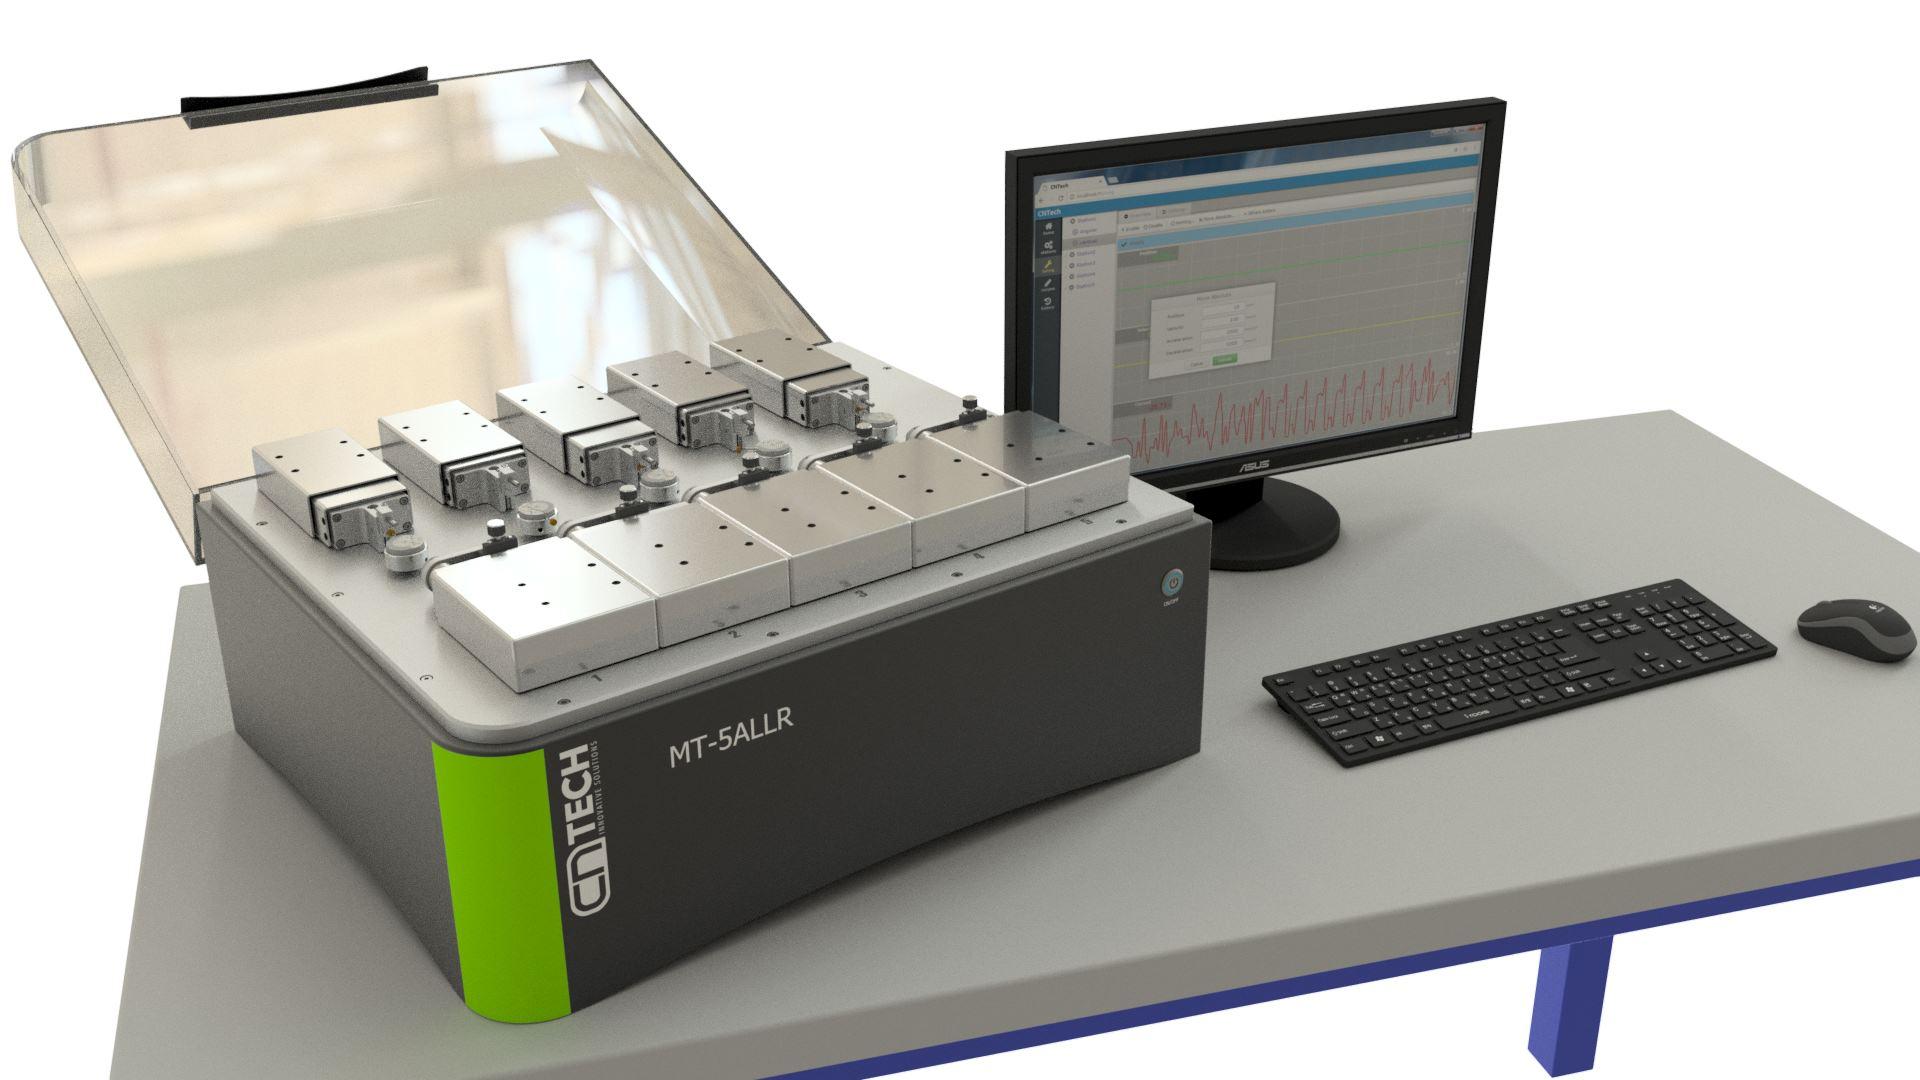 MT-5ALLR Banc de test de vieillissement pour laboratoire horloger